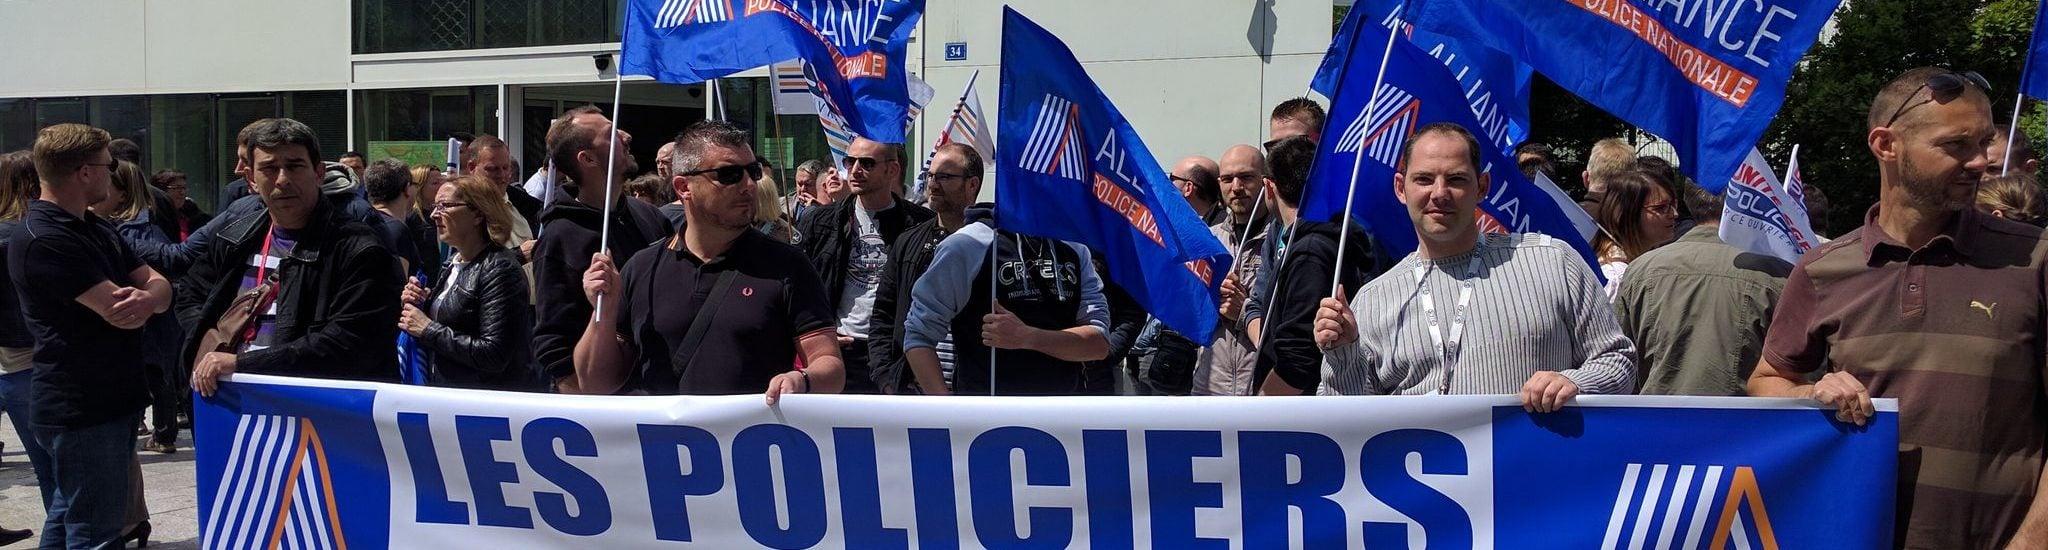 Plus d'une centaine de policiers contre «la haine anti-flics» à Strasbourg